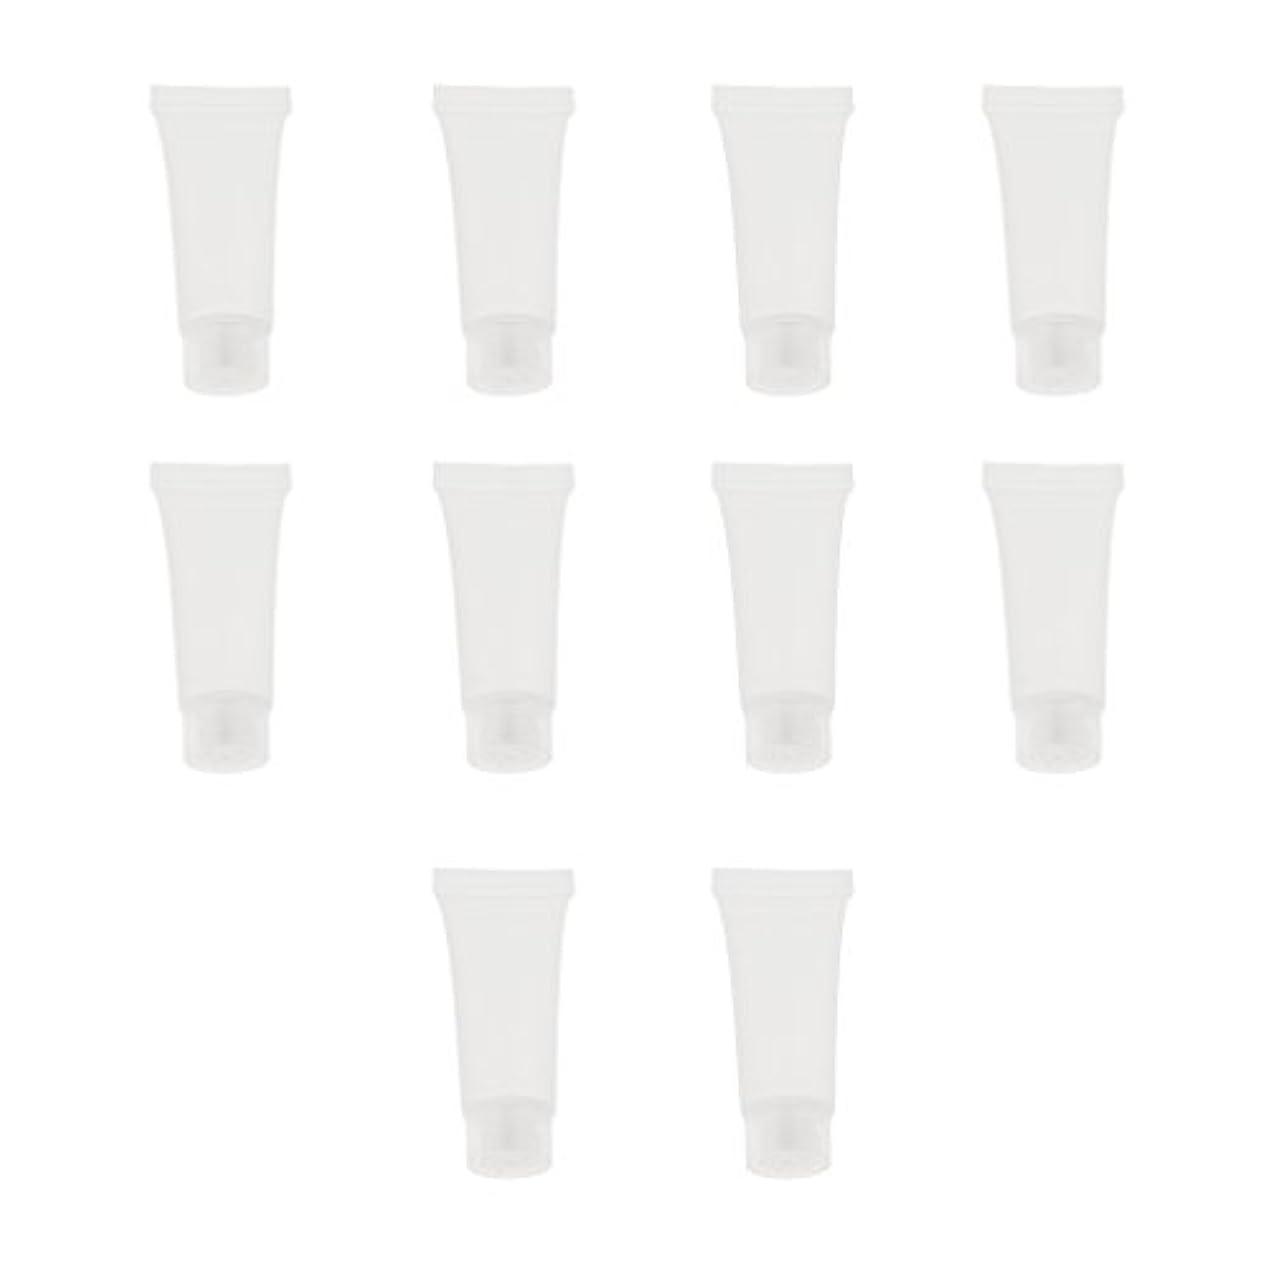 無謀過半数薬10個 空チューブ クリームチューブ 透明 プラスチック製 コスメ 詰替え メイクアップ ローション コンテナ 収納ボトル 2サイズ選べる - 10g